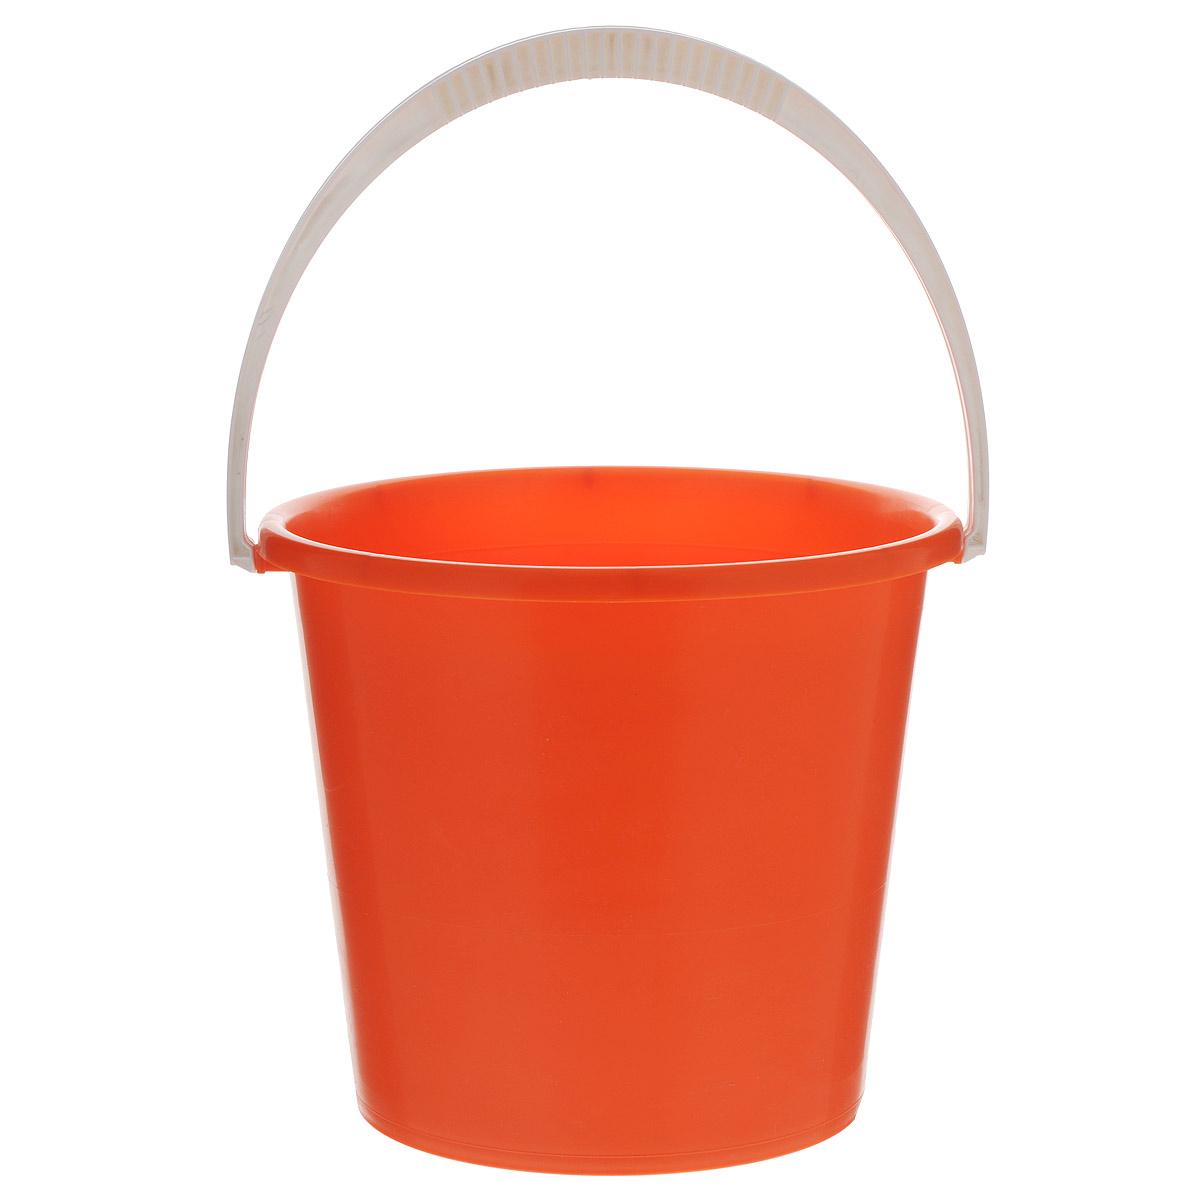 Ведро Альтернатива Крепыш, цвет: оранжевый, 7 лК342Ведро Альтернатива Крепыш изготовлено из высококачественного одноцветного пластика. Оно легче железного и не подвержено коррозии. Ведро оснащено удобной пластиковой ручкой. Такое ведро станет незаменимым помощником в хозяйстве. Диаметр: 25 см. Высота: 22 см.